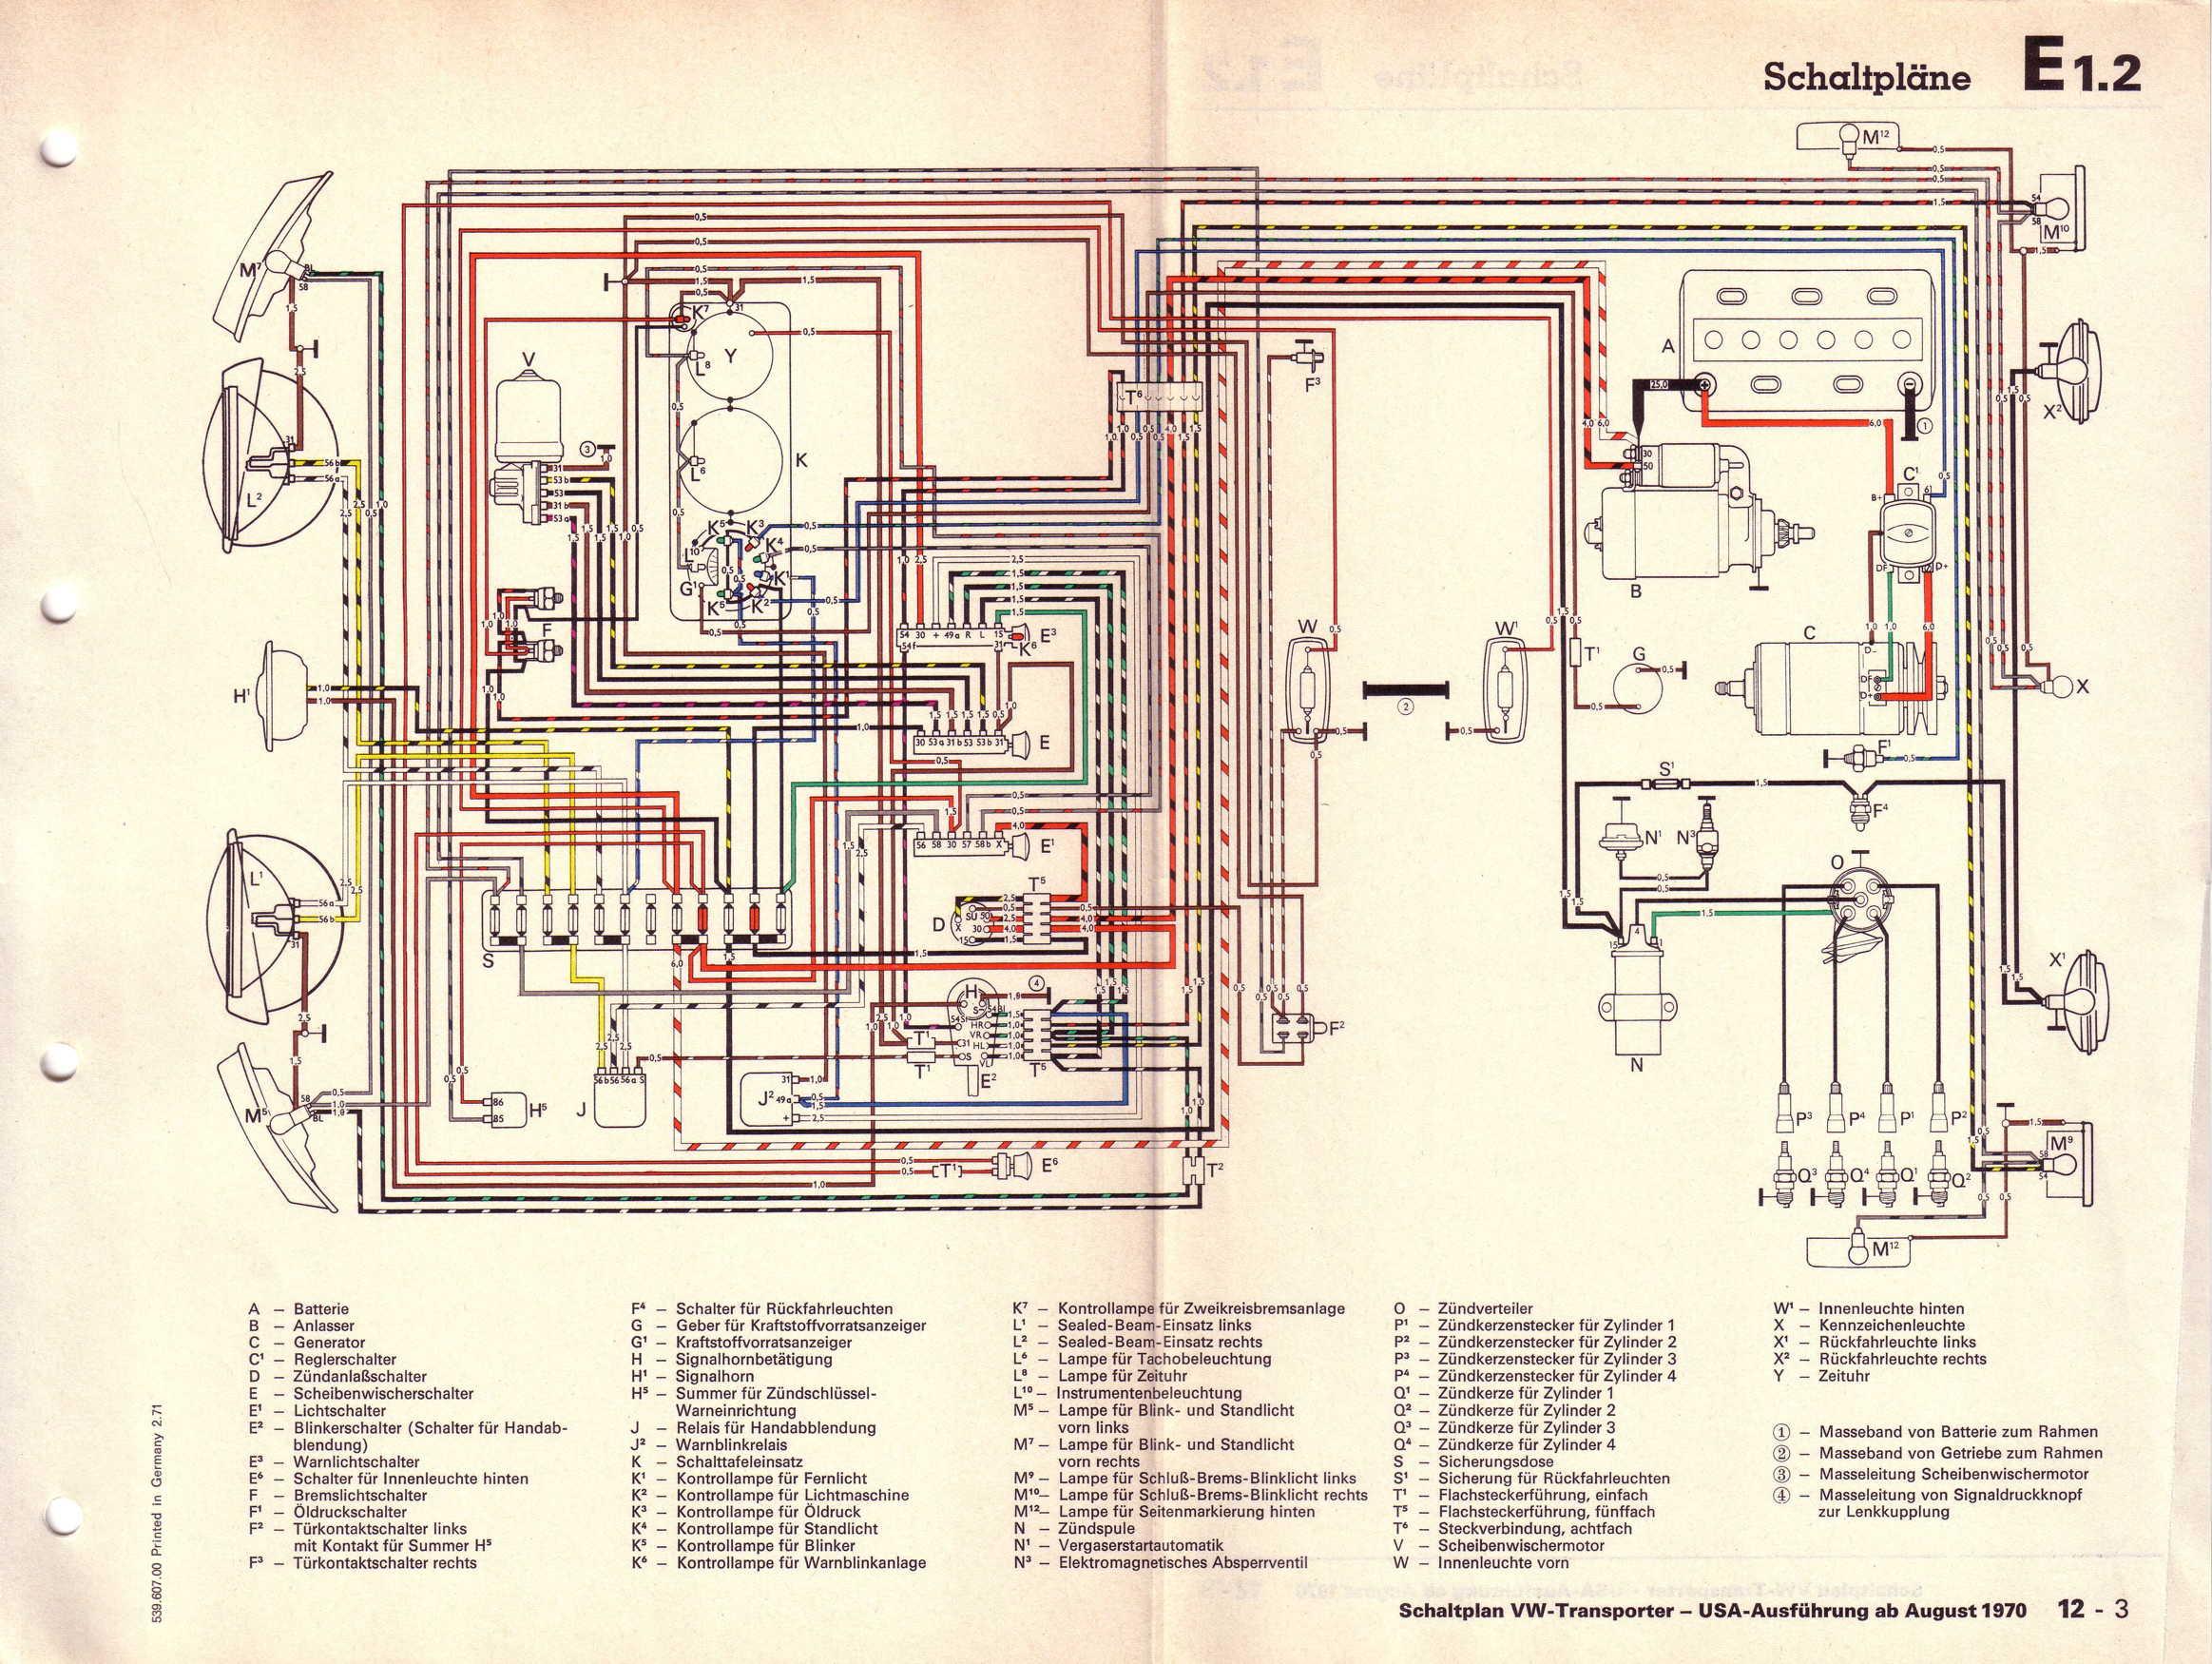 Schema electrique vw transporter t3 - bois-eco-concept.fr